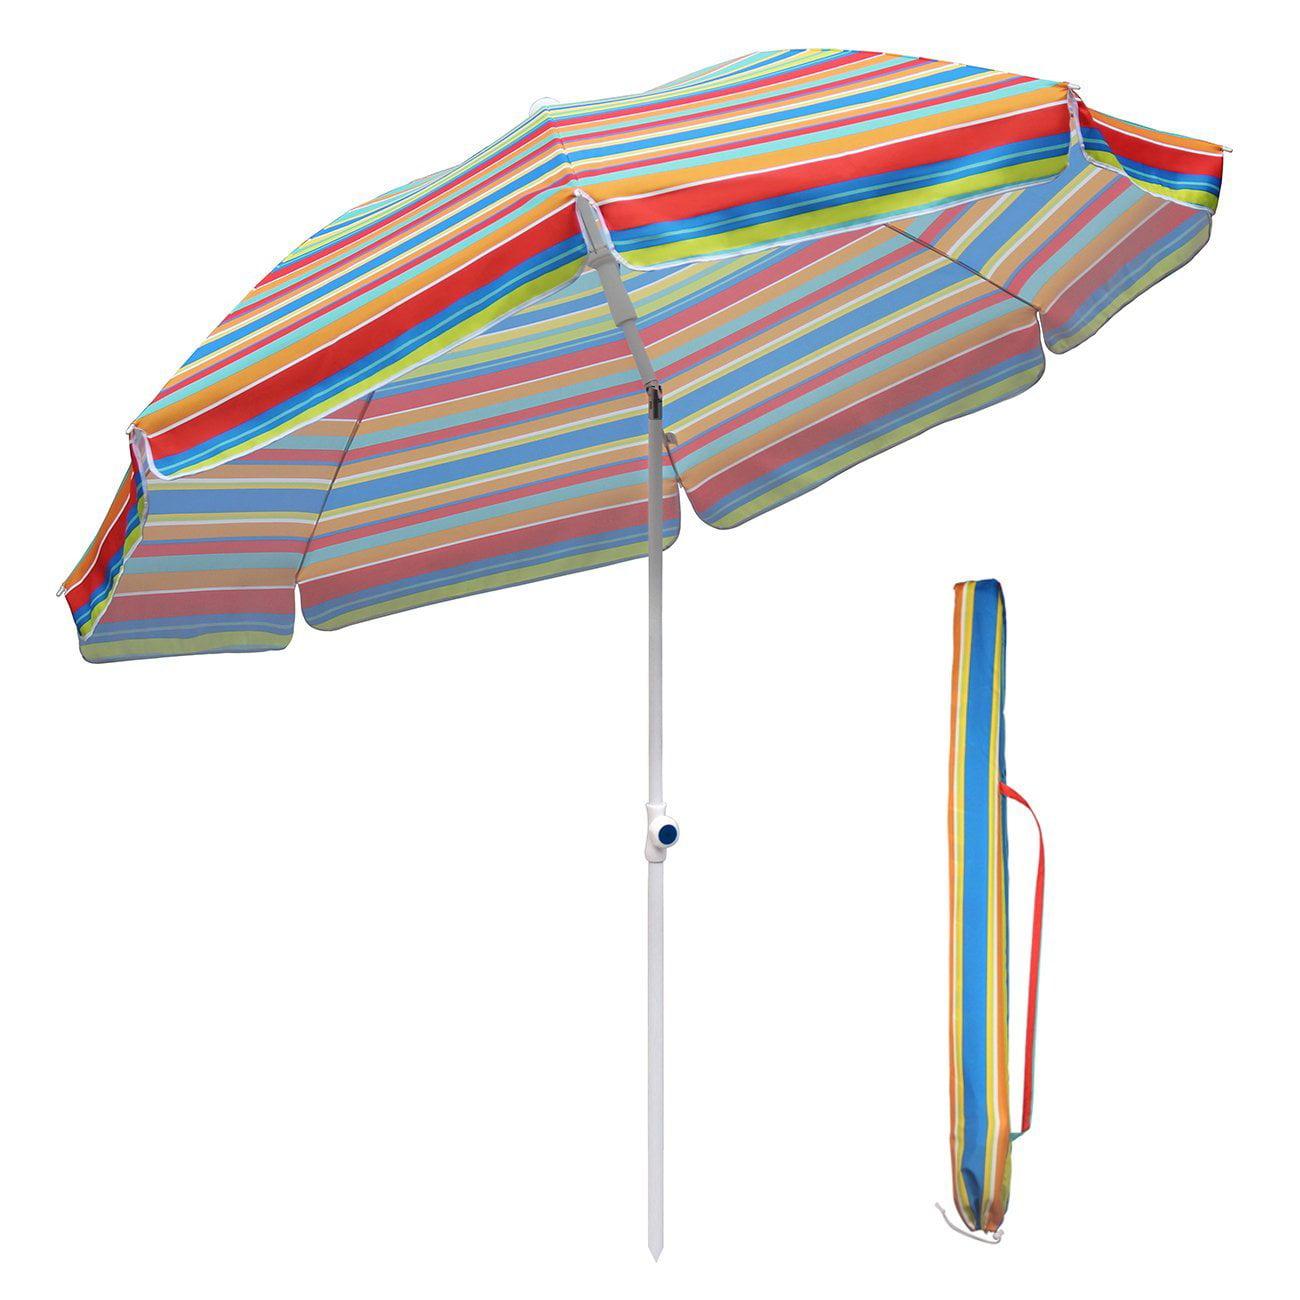 Sekey 7ft Beach Umbrella Outdoor Umbrella Patio Umbrella Market Umbrella with tilt and... by